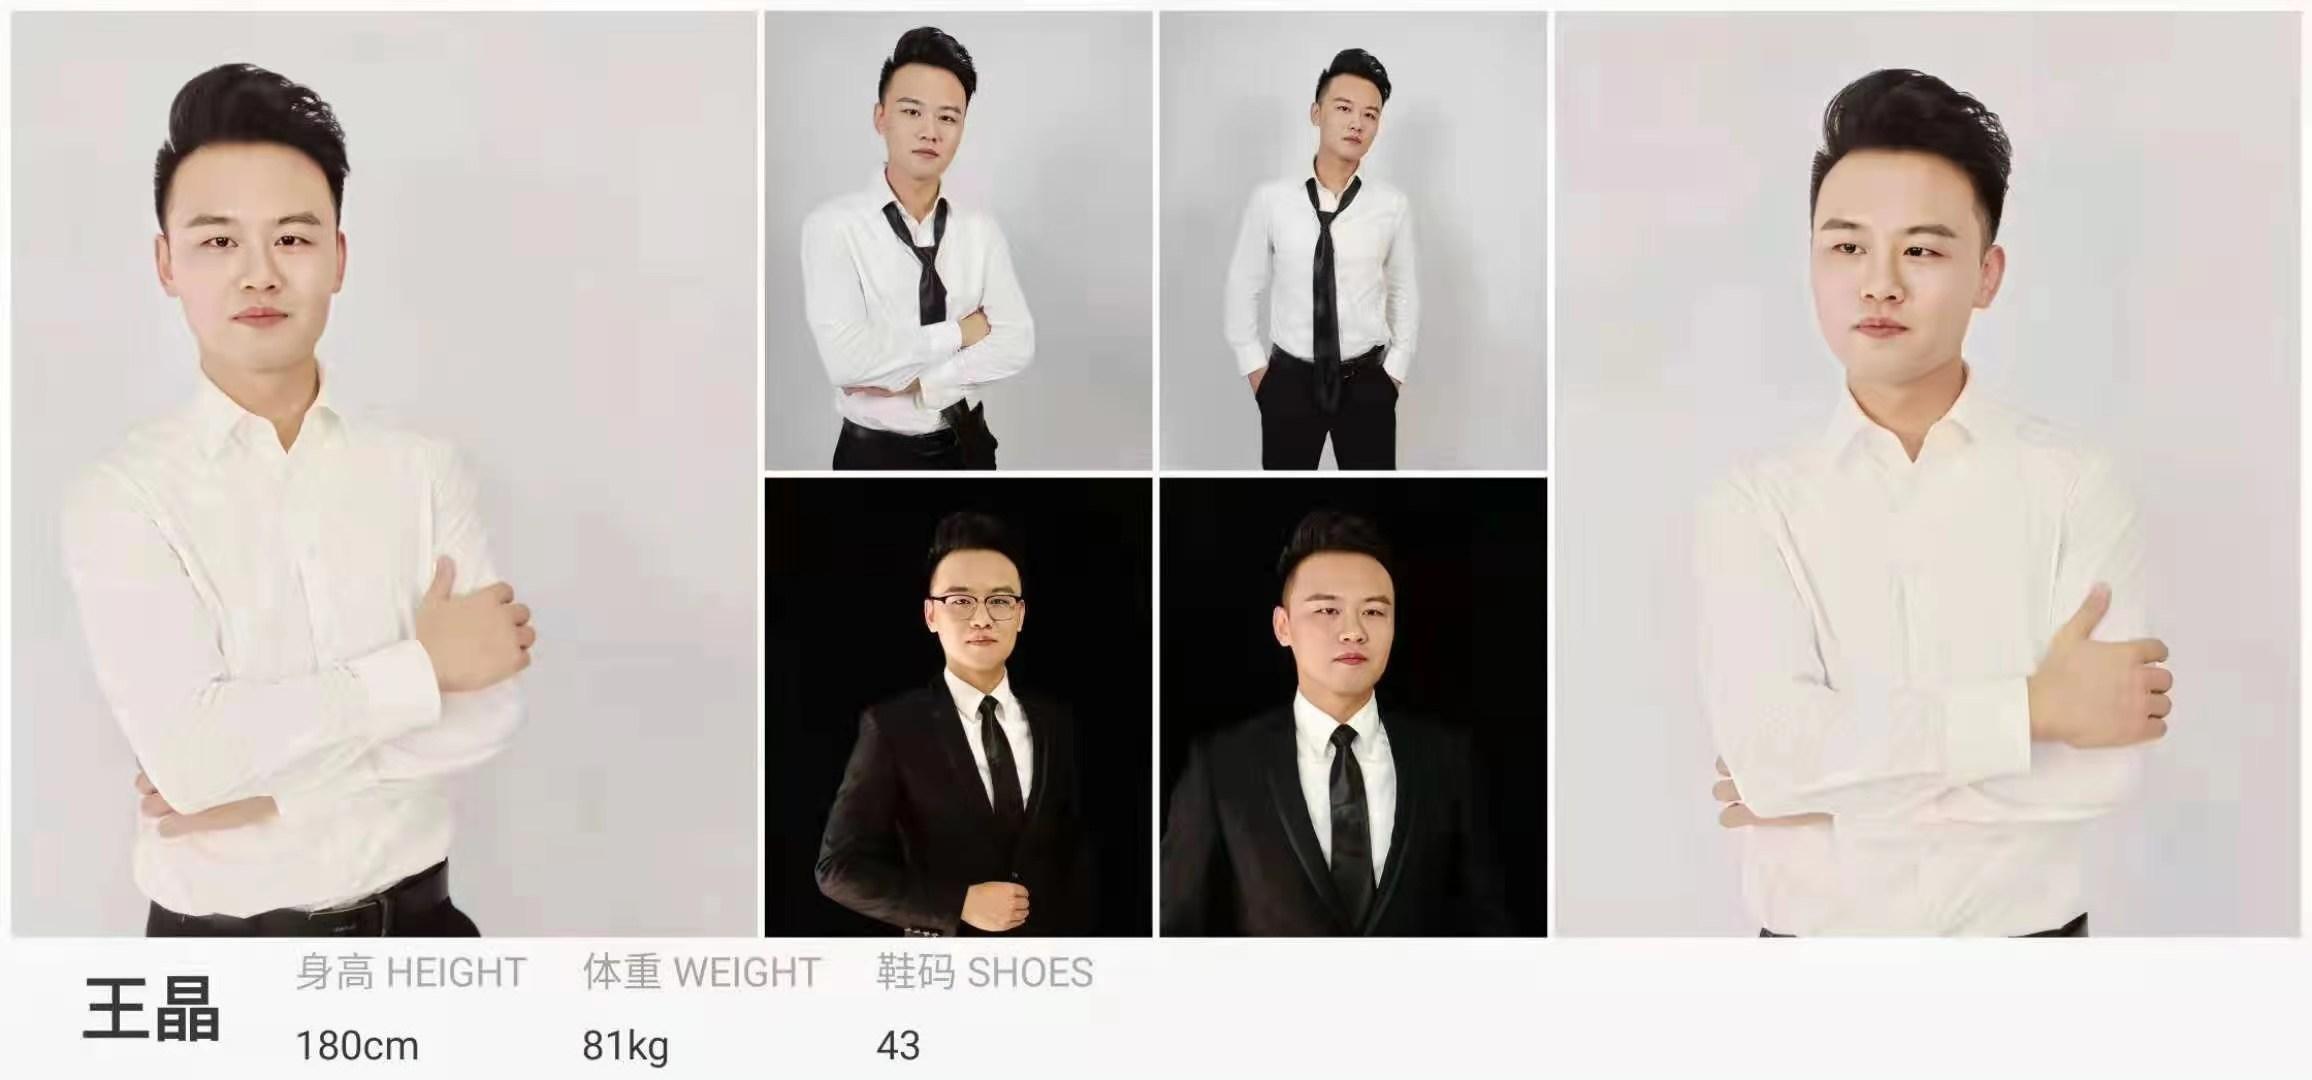 澳门威尼斯人官网游戏特色群众影视演员王晶